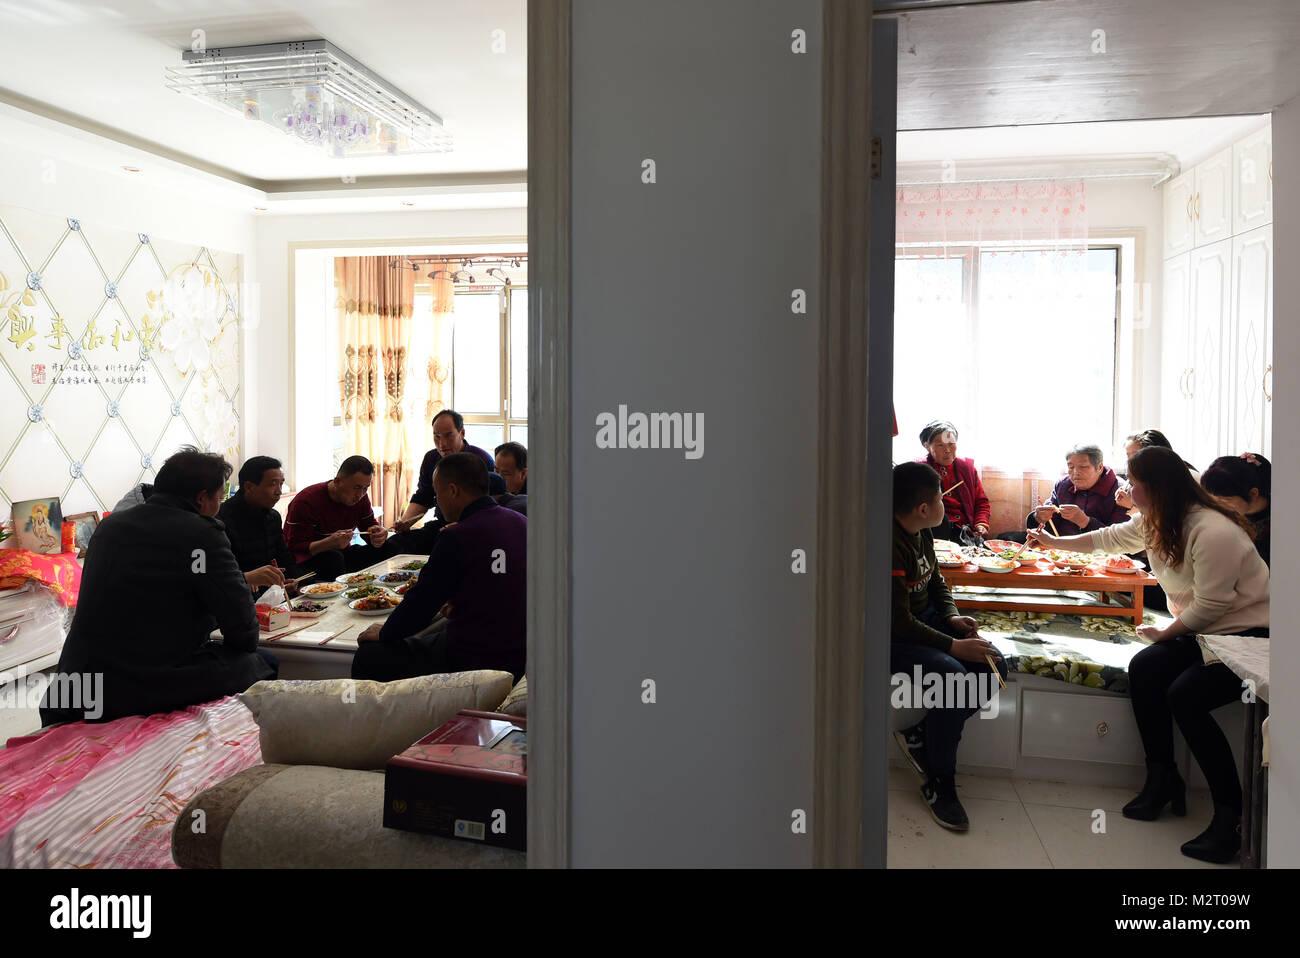 (180208)   GULANG, Februar 8, 2018 (Xinhua)   Verwandte Und Freunde  Versammeln Sich Neue Xu Cunu0027s Apartment In Einem Umzug Gemeinschaft In  Gulang Im ...